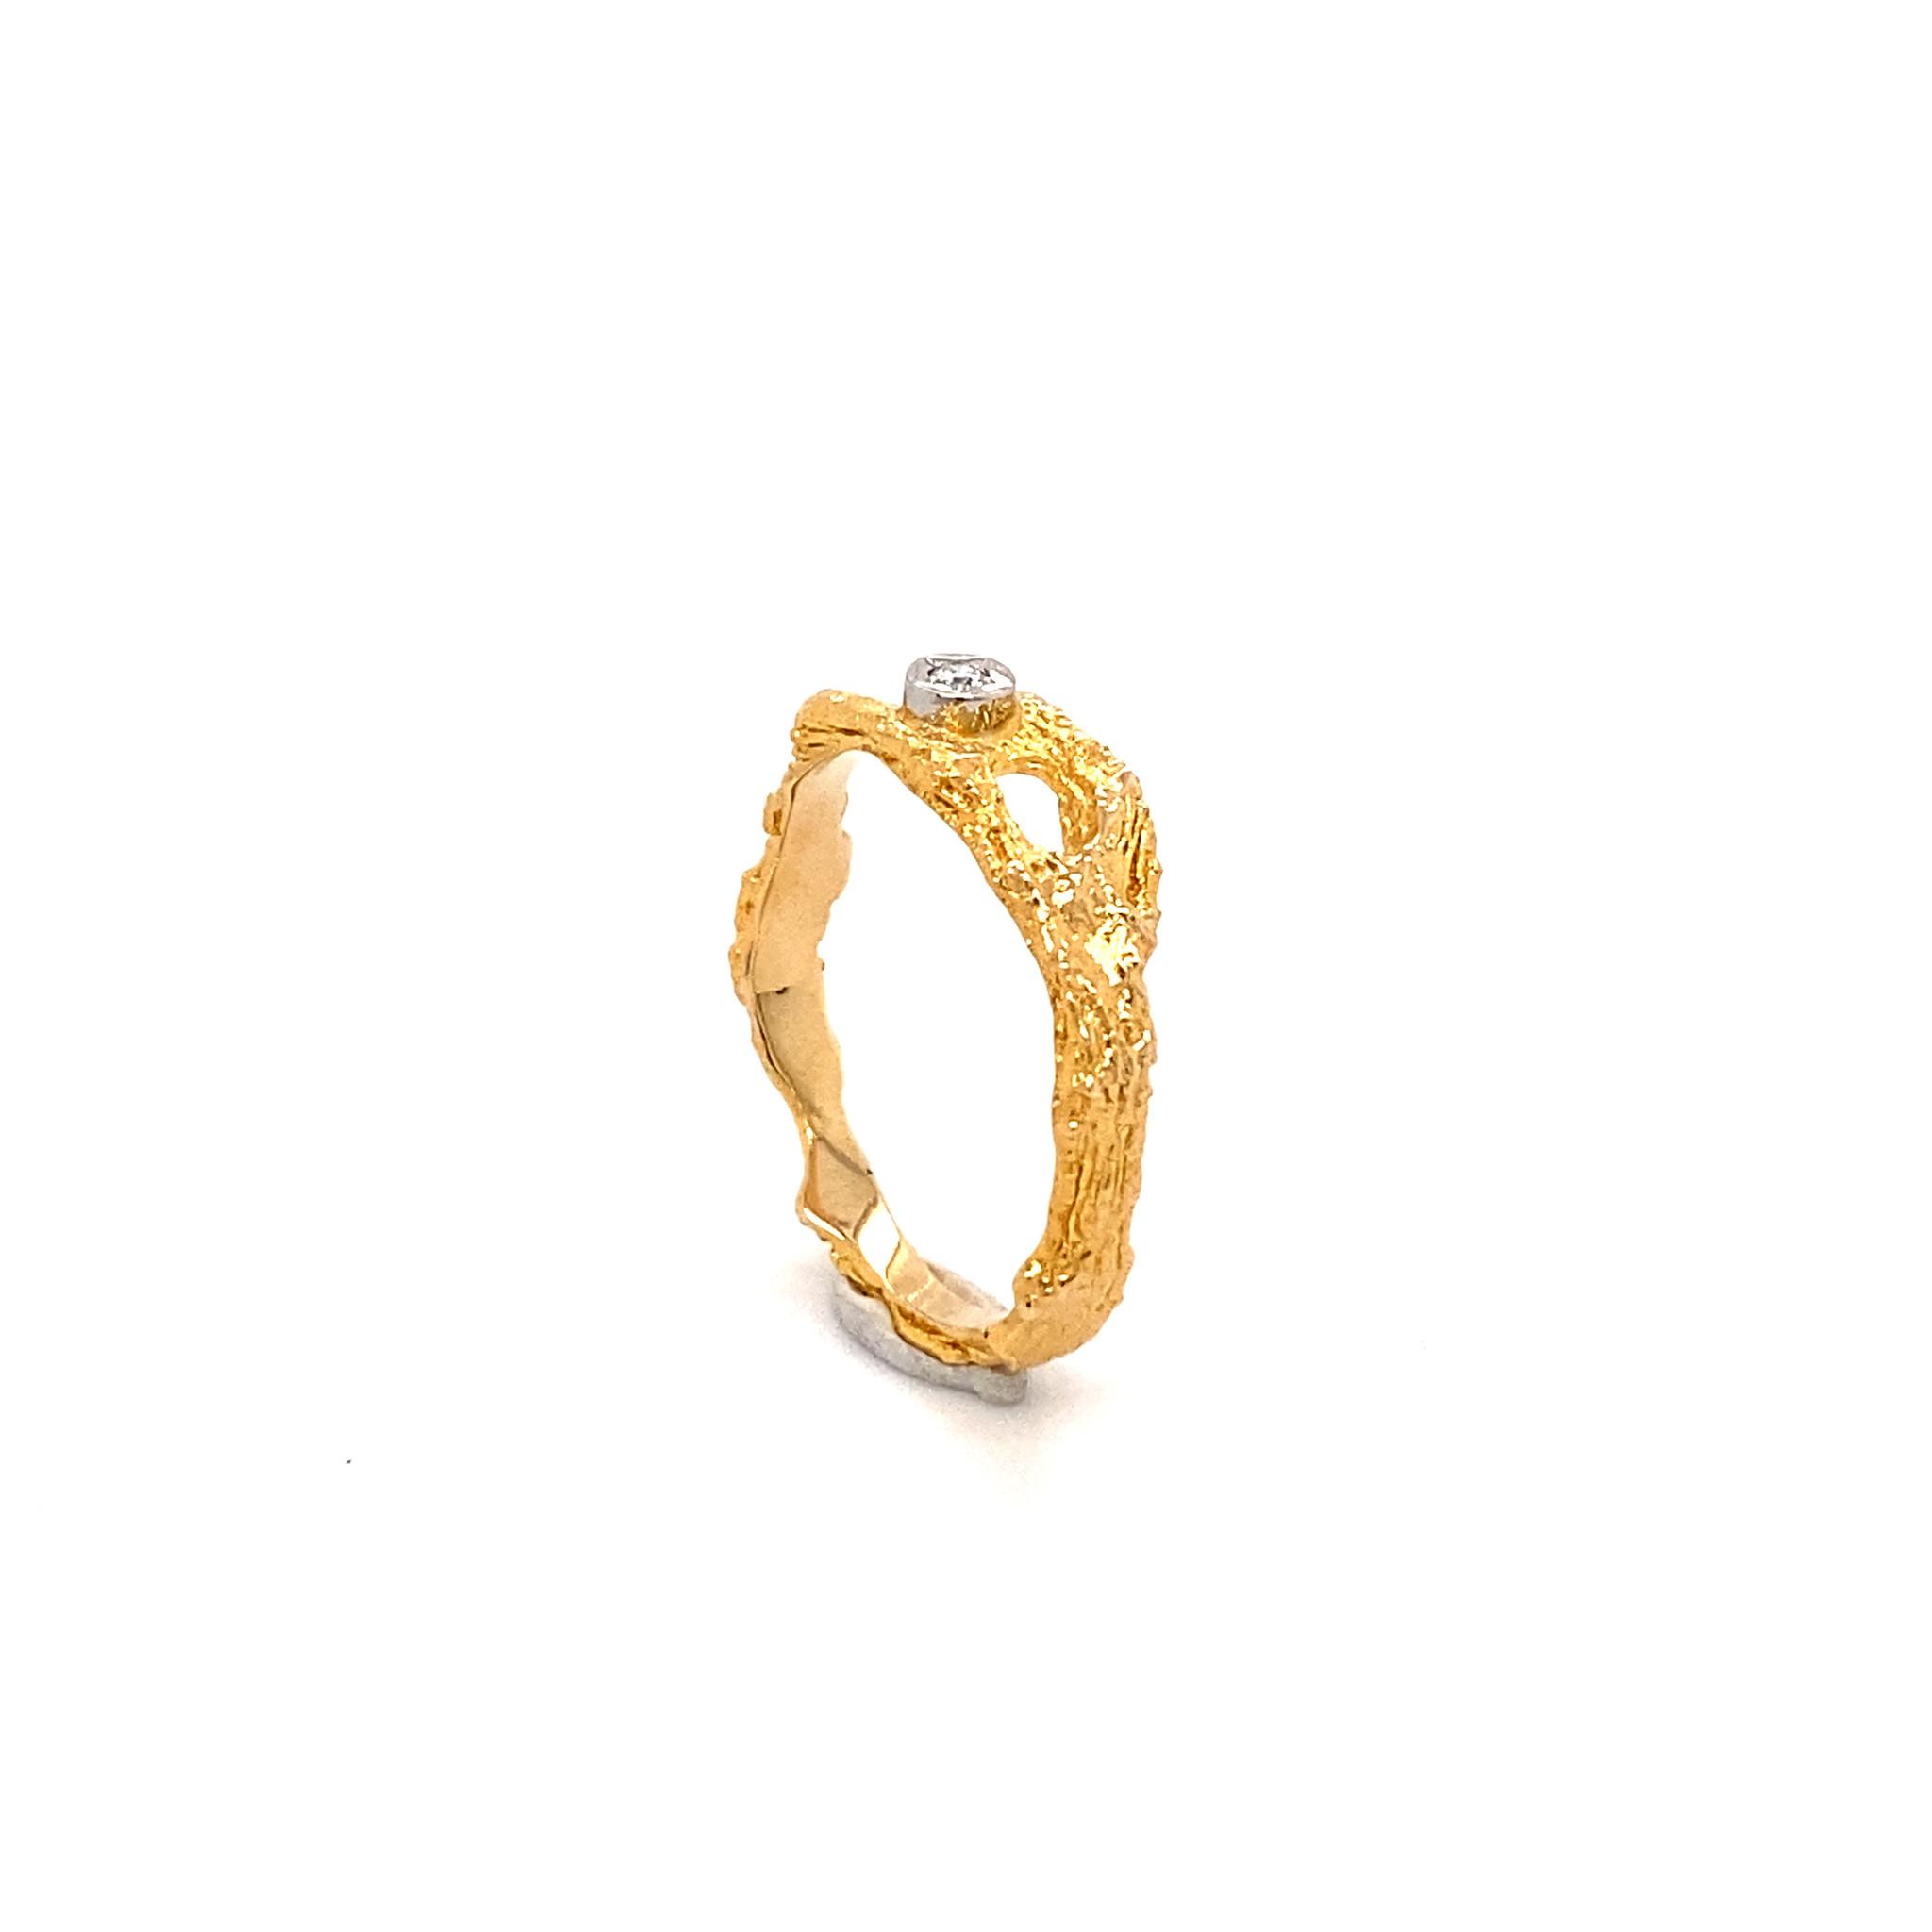 Lapponia Lapponia ring 14 krt. geelgoud diamant